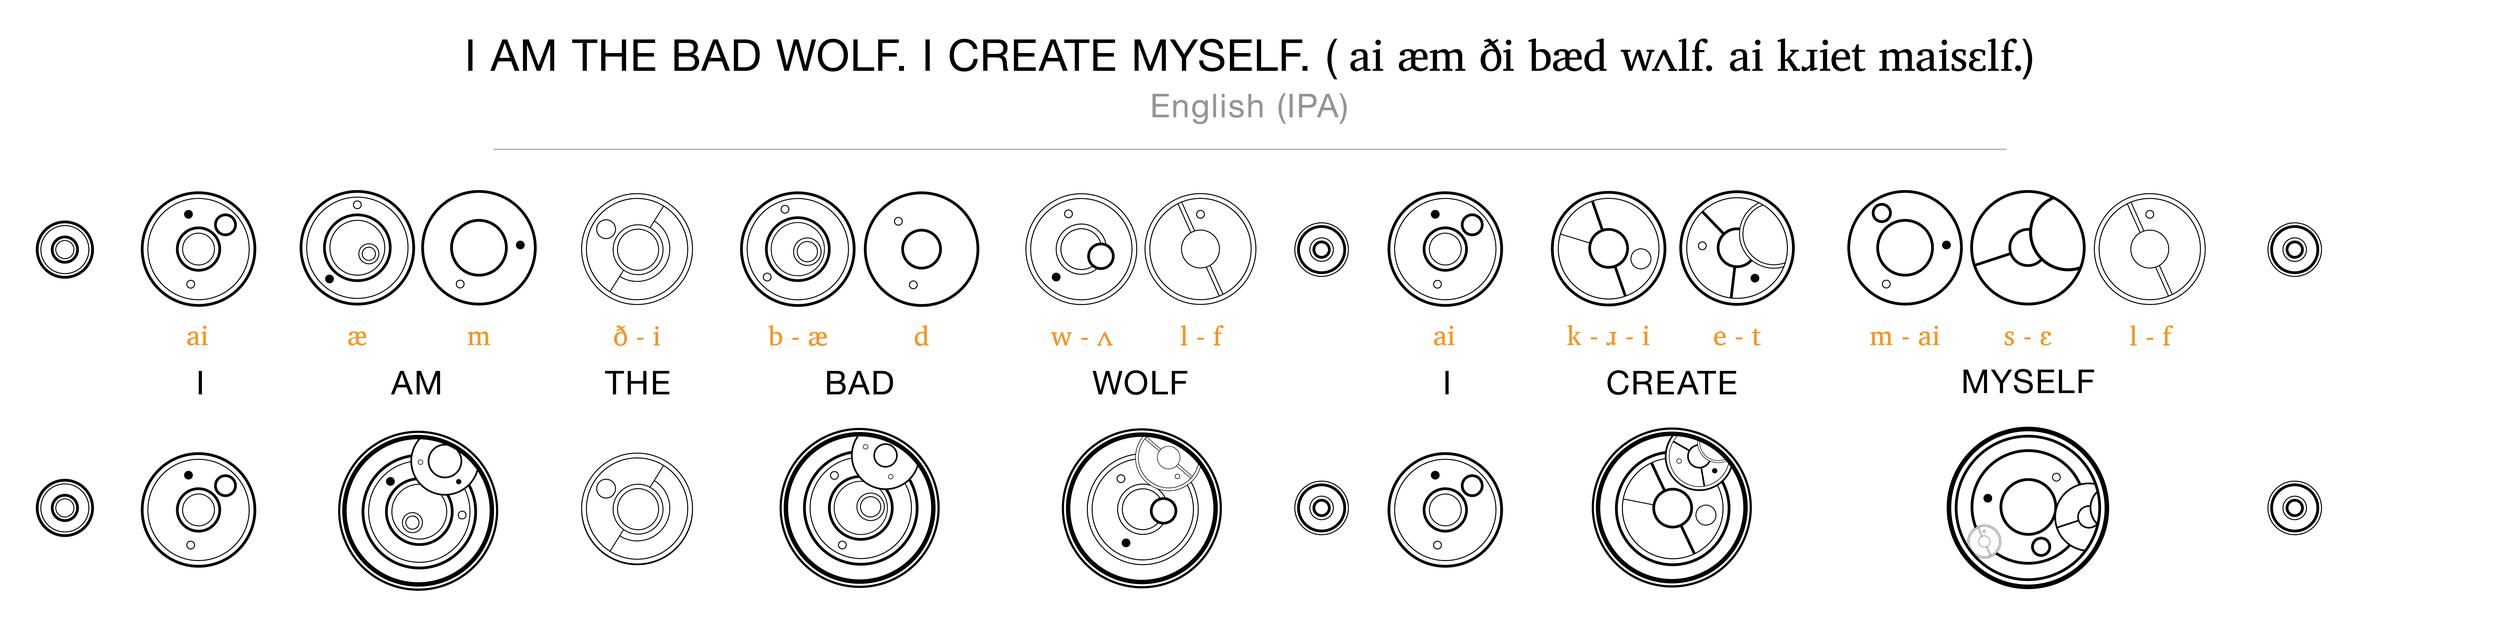 IAmTheBadWolf.ICreateMyself-01.png